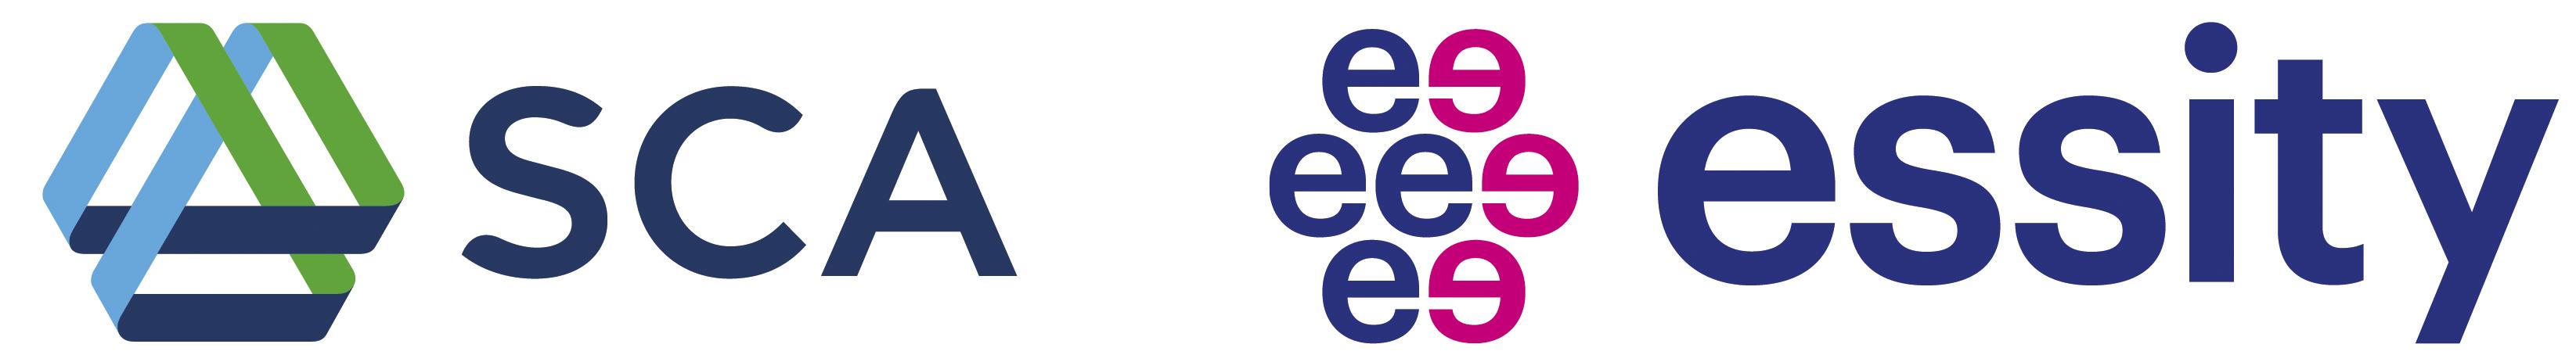 SCA logotype